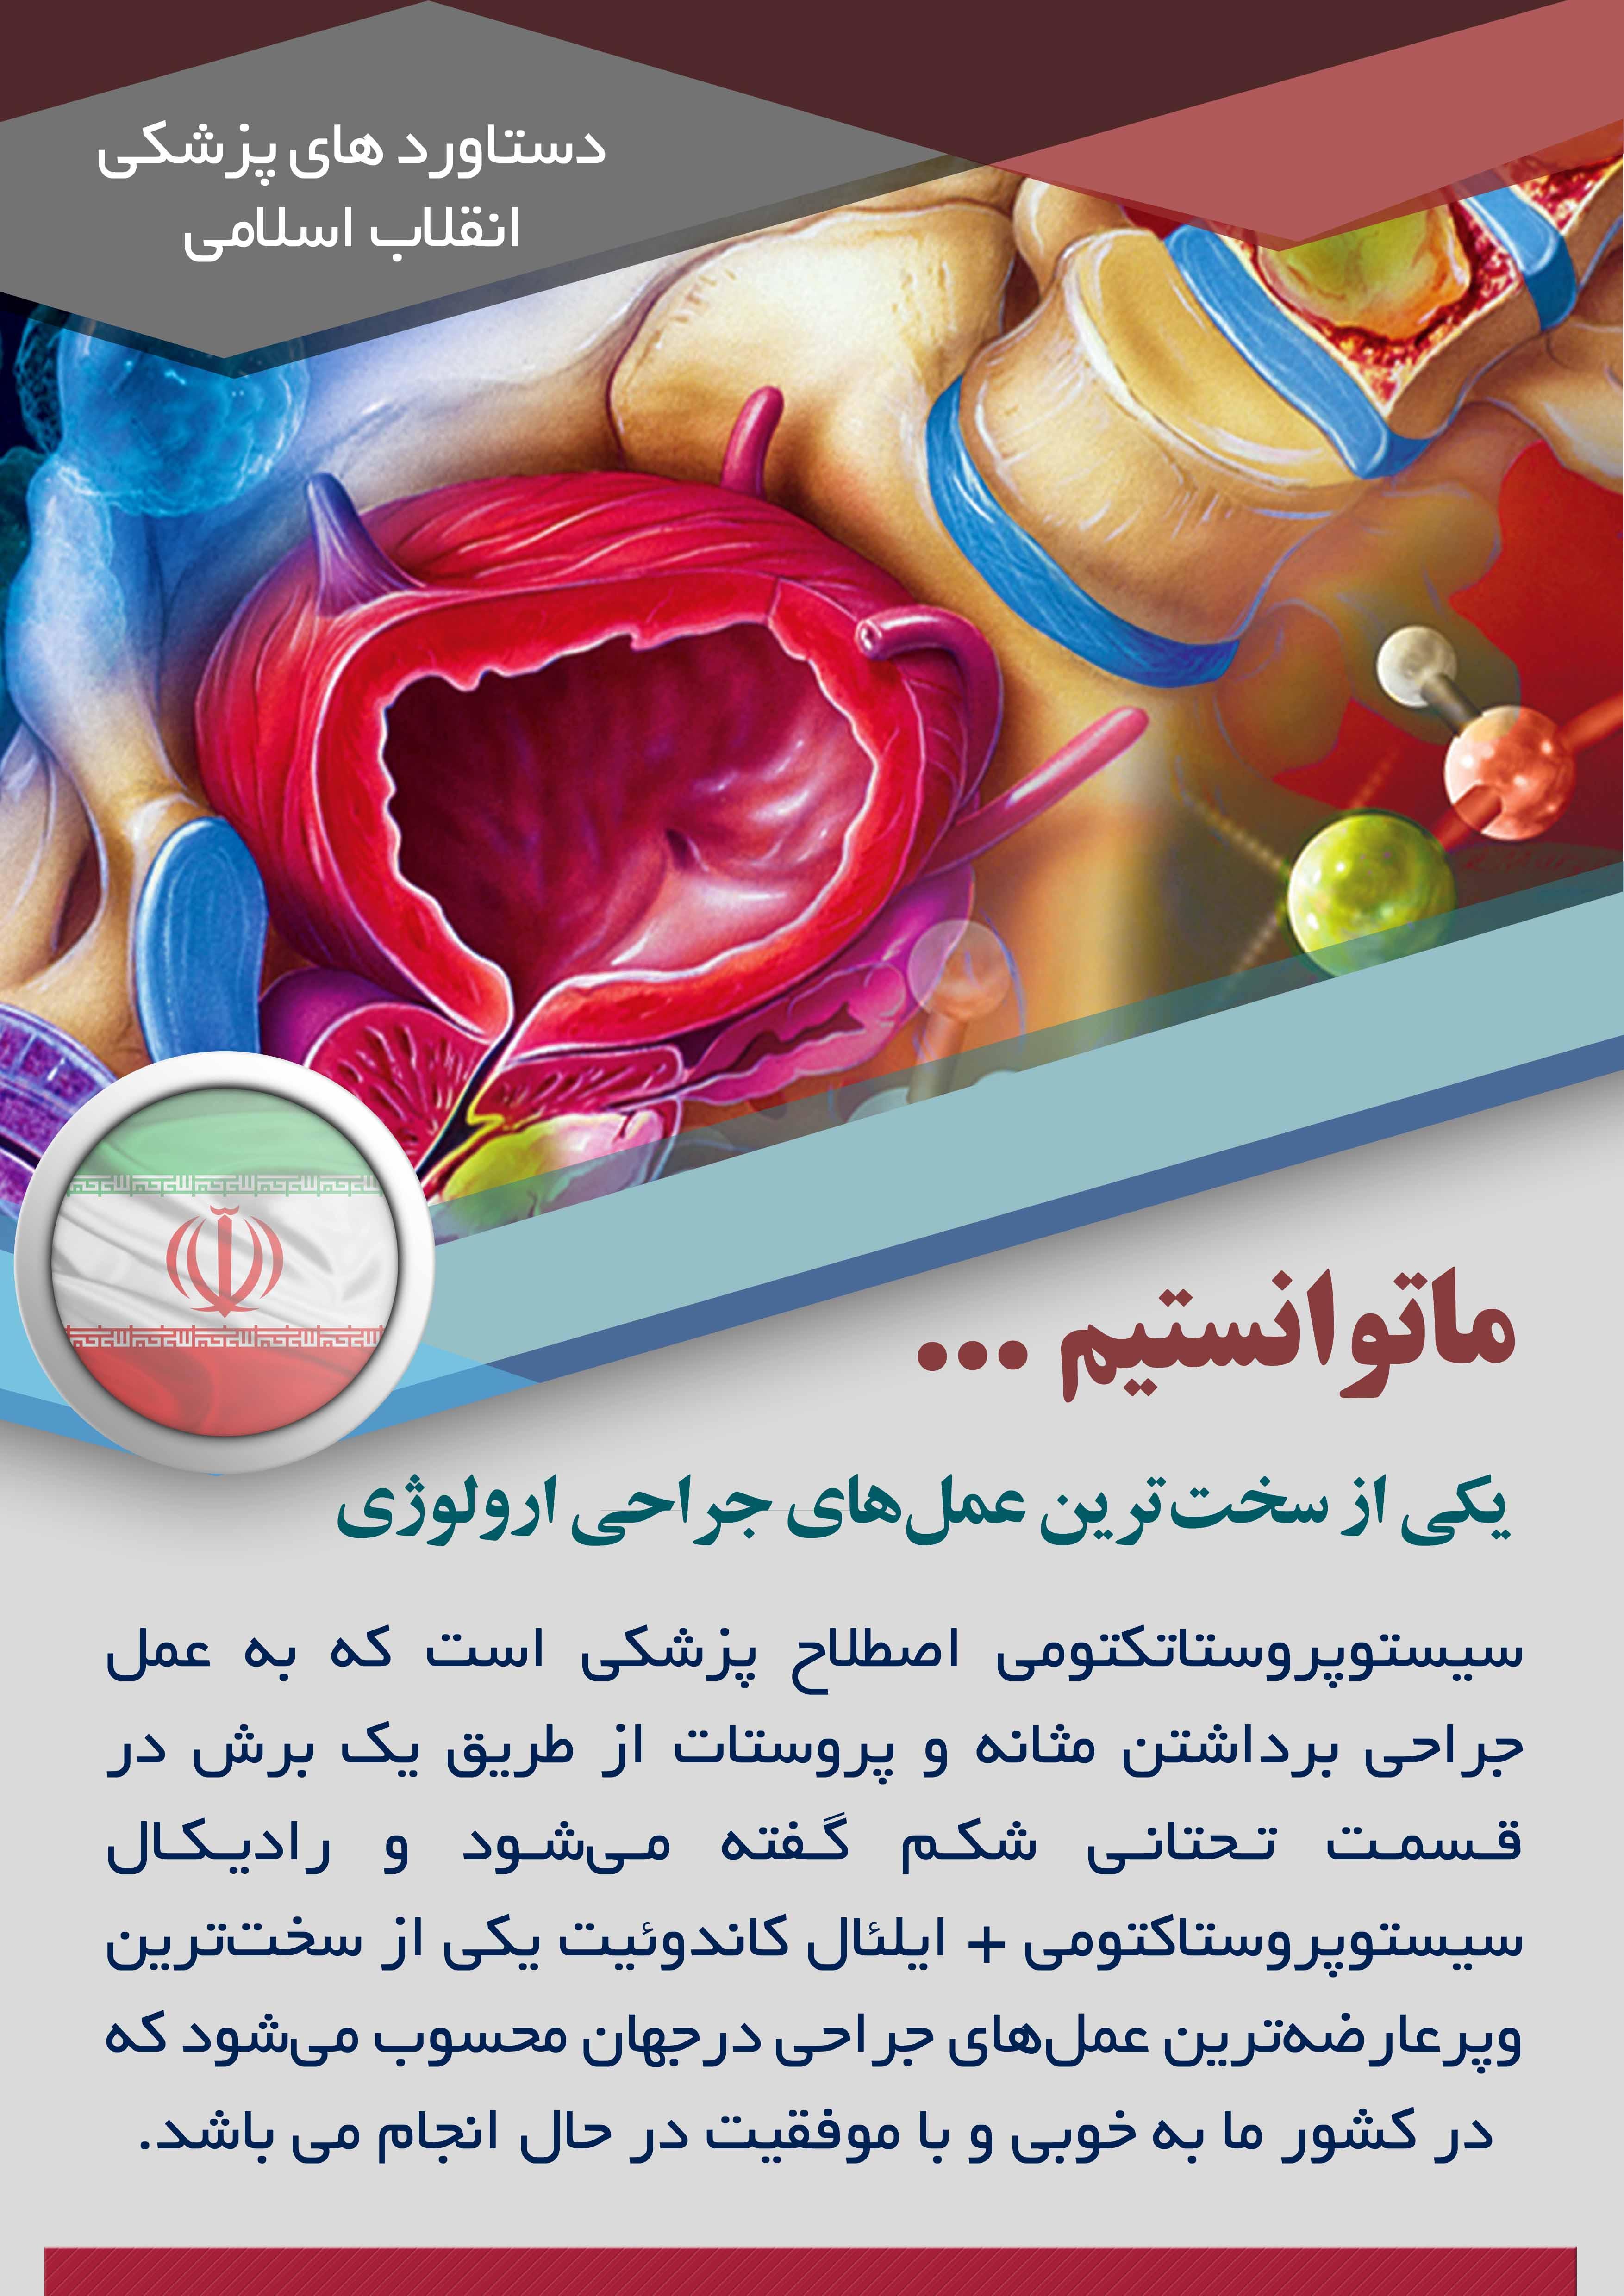 دستاوردهای پزشکی (3)